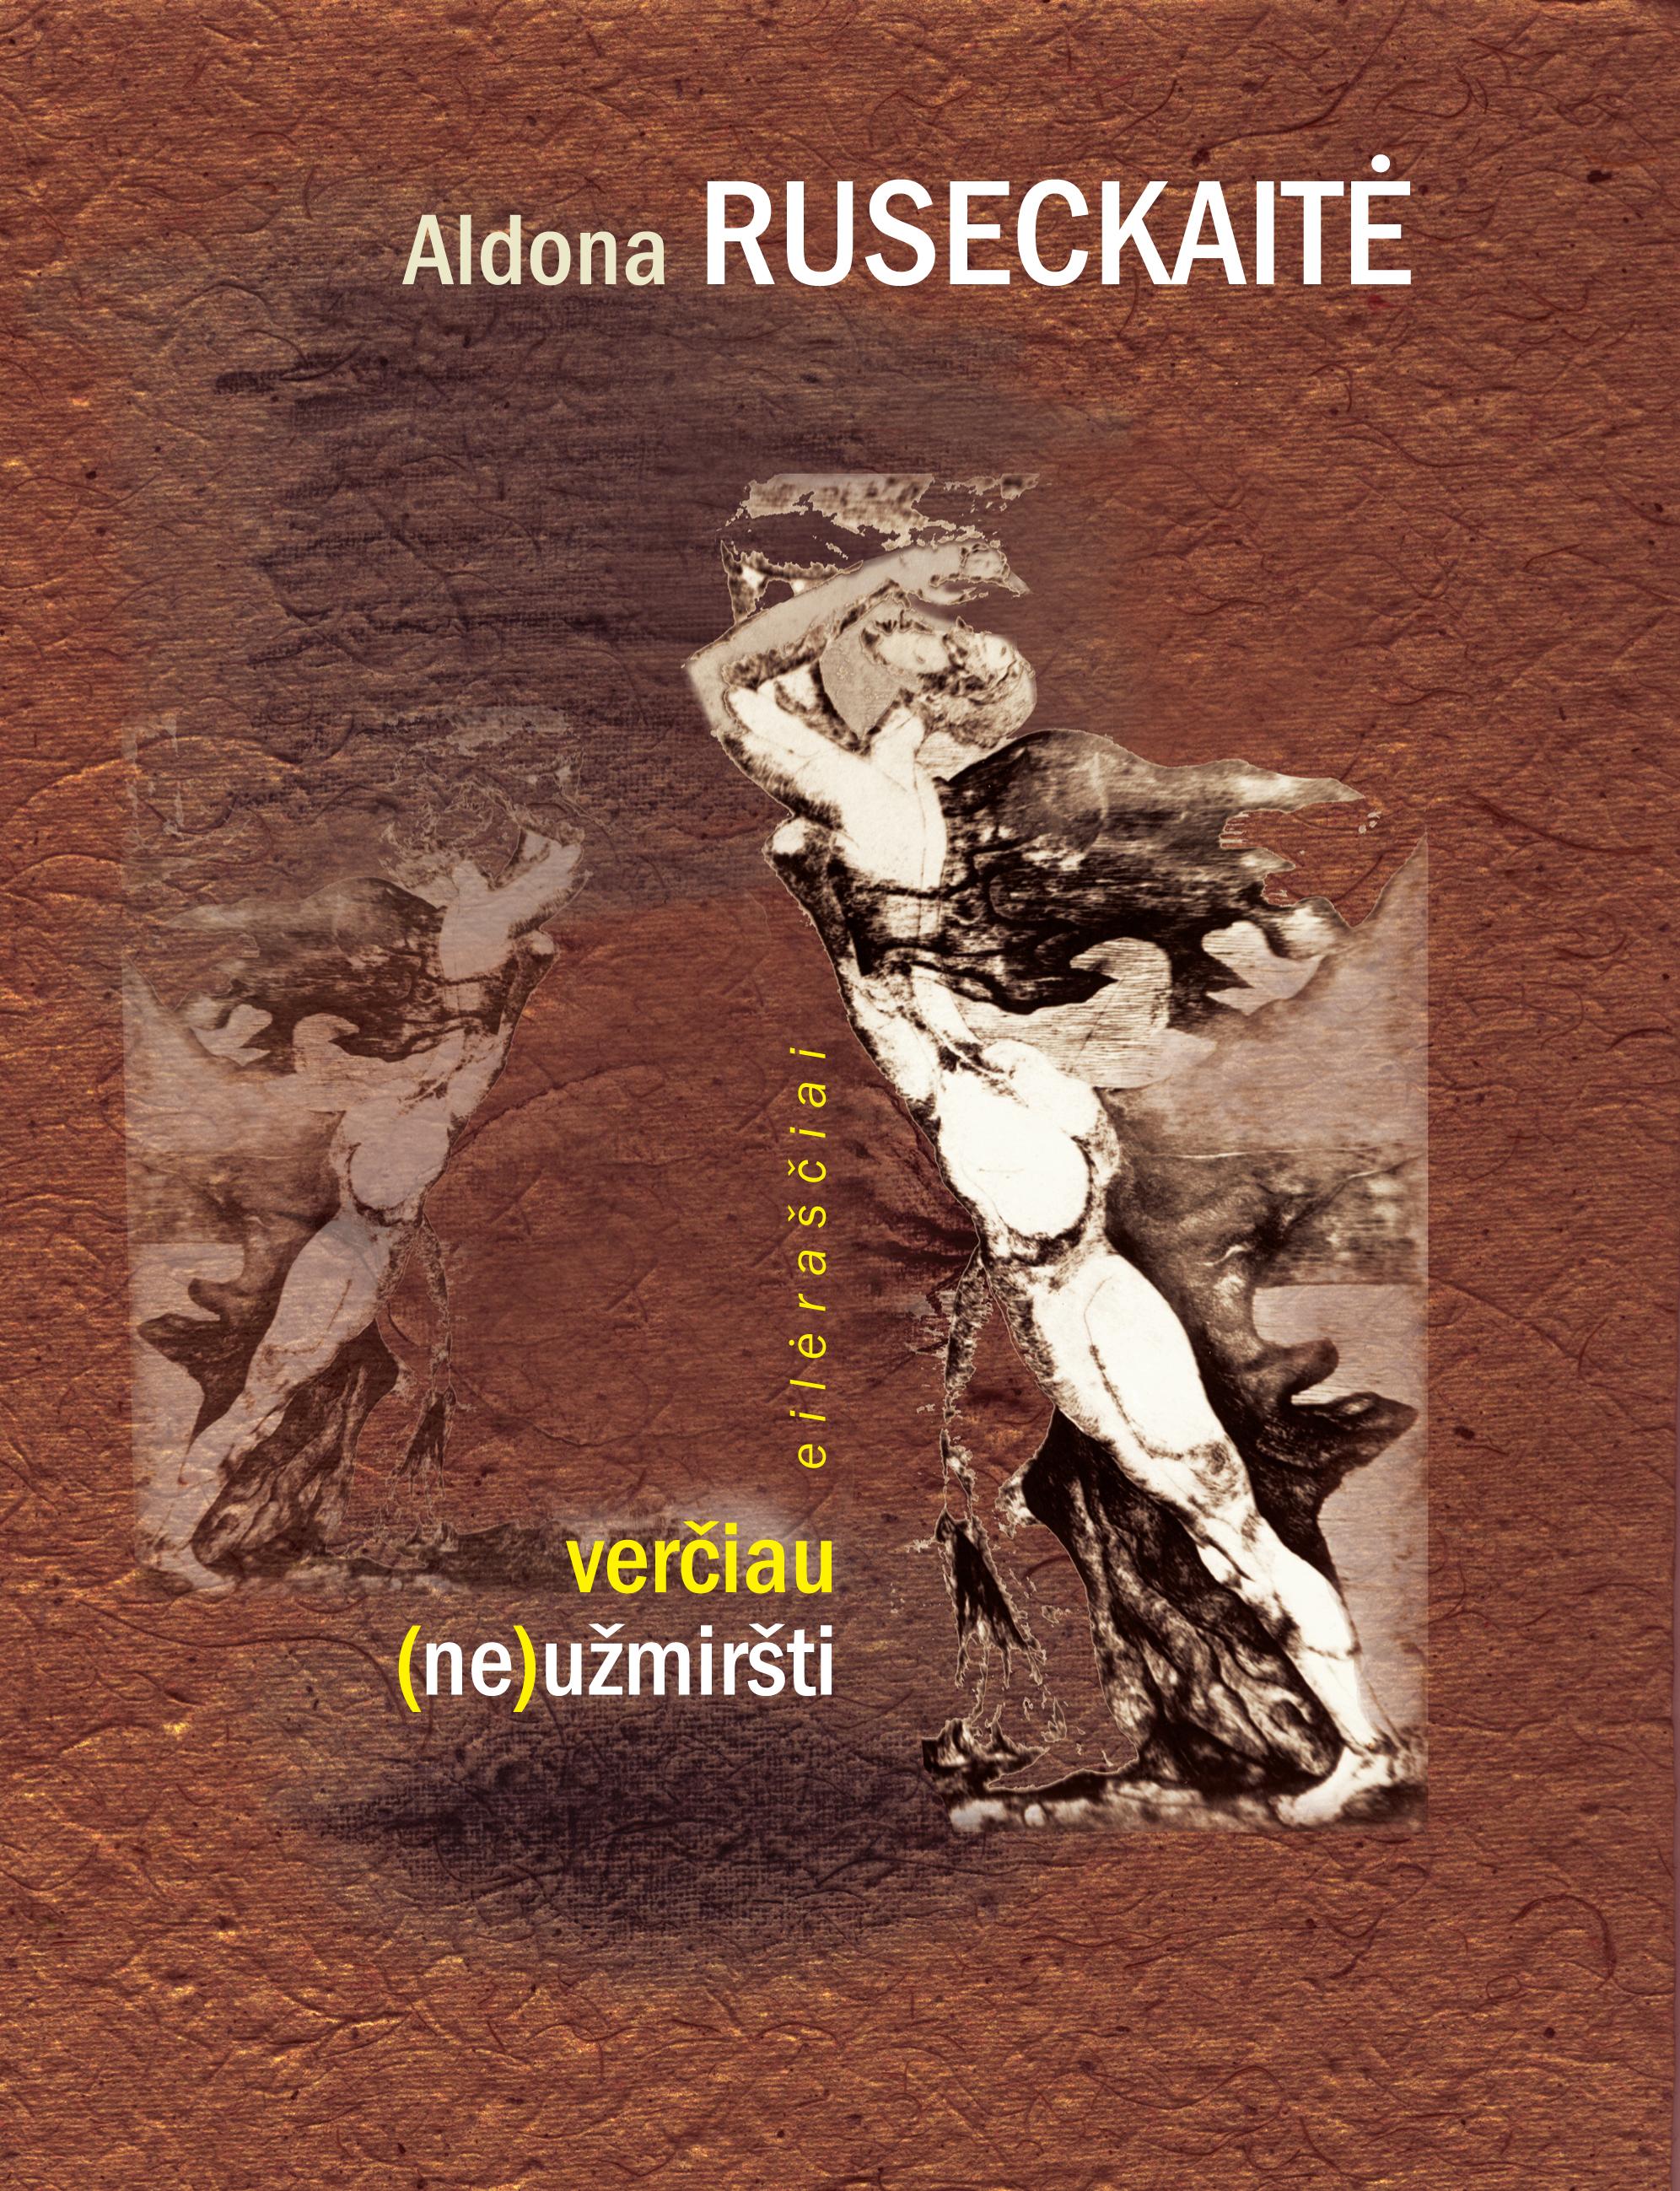 """Aldona Ruseckaitė """"Verčiau (ne)užmiršti"""" (Kaunas: Kauko laiptai, 2015)"""